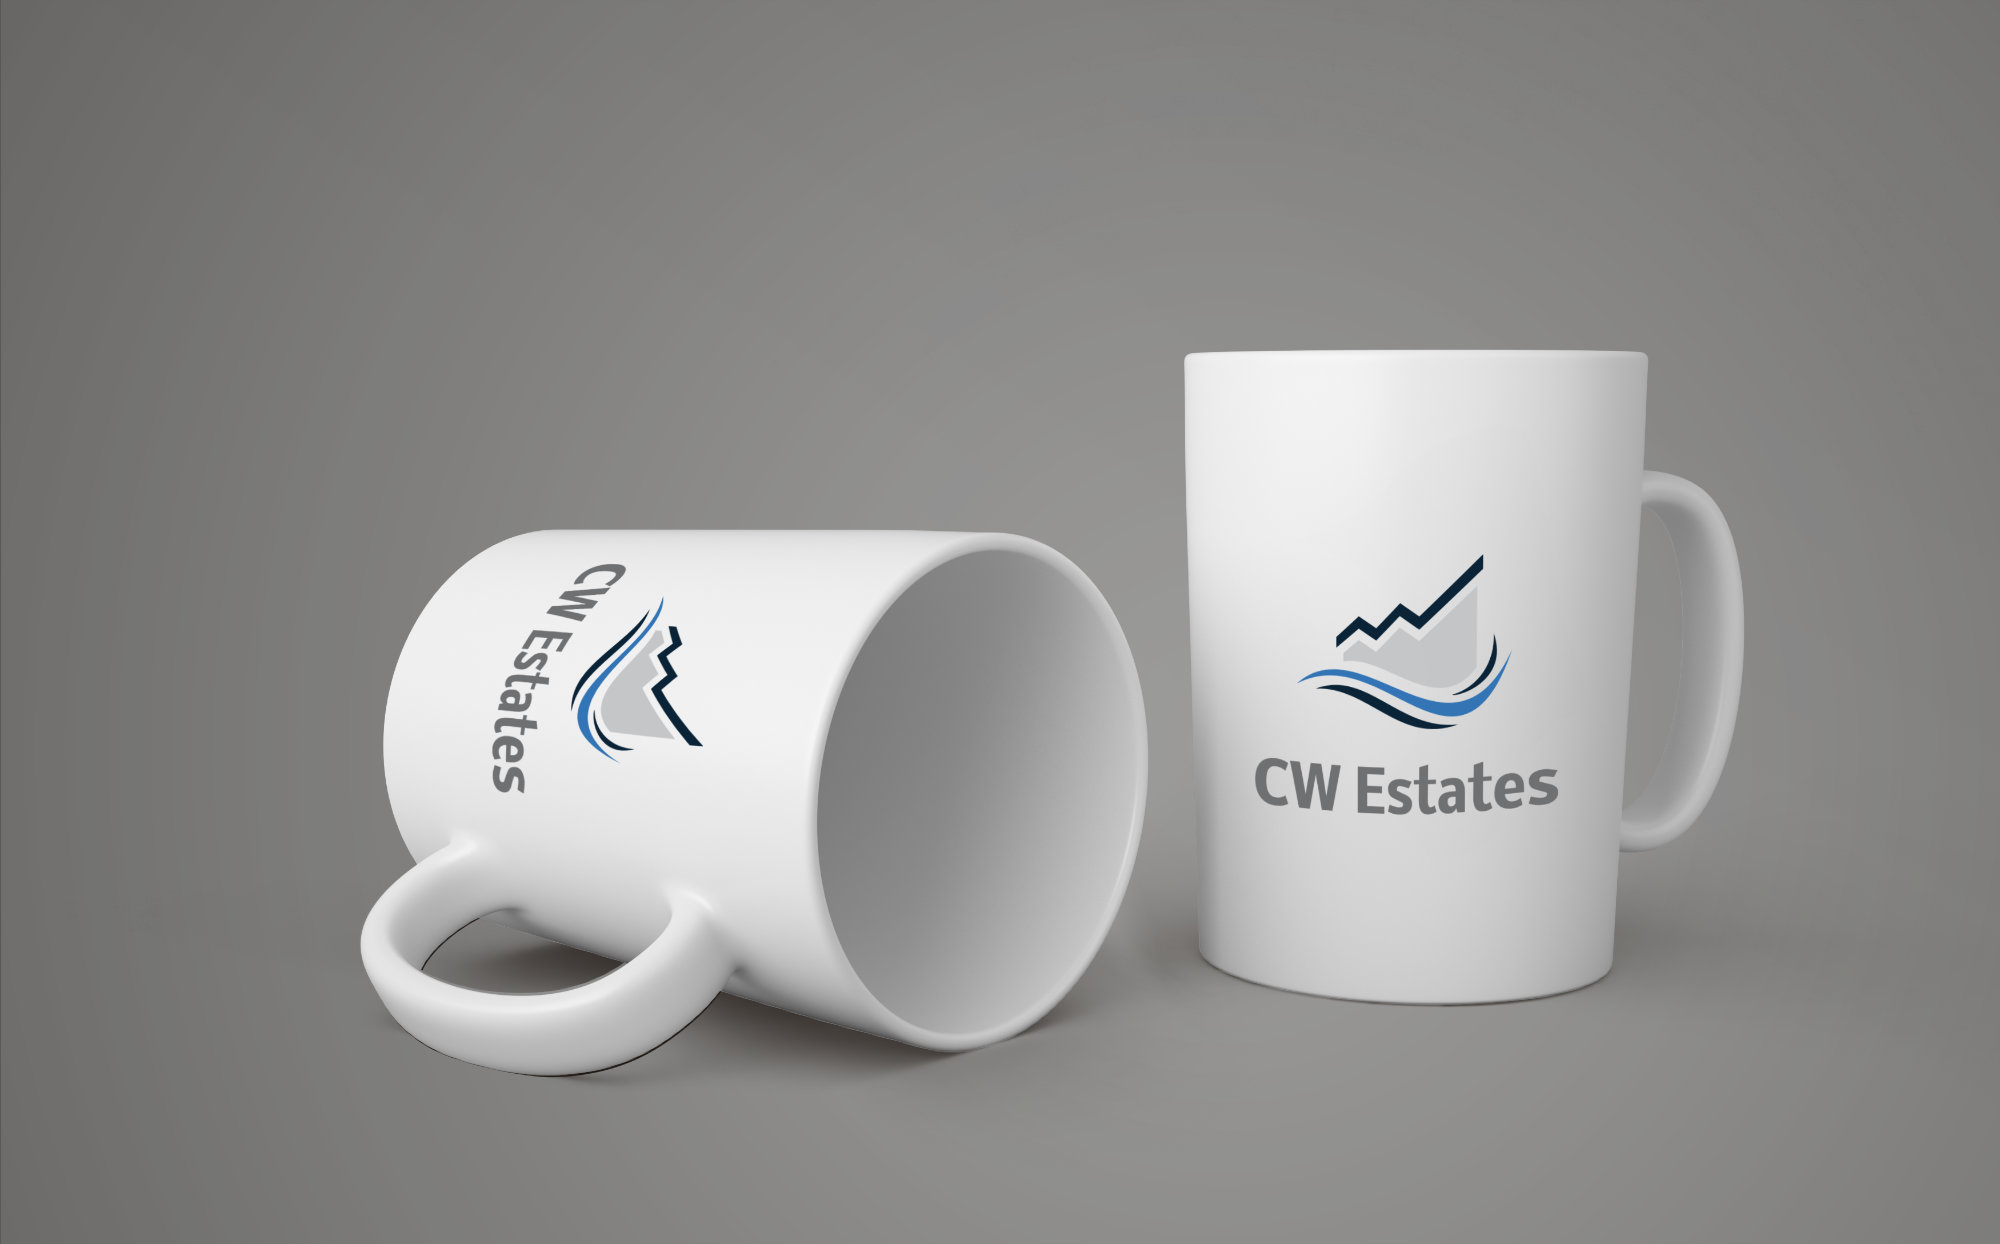 CW Estates